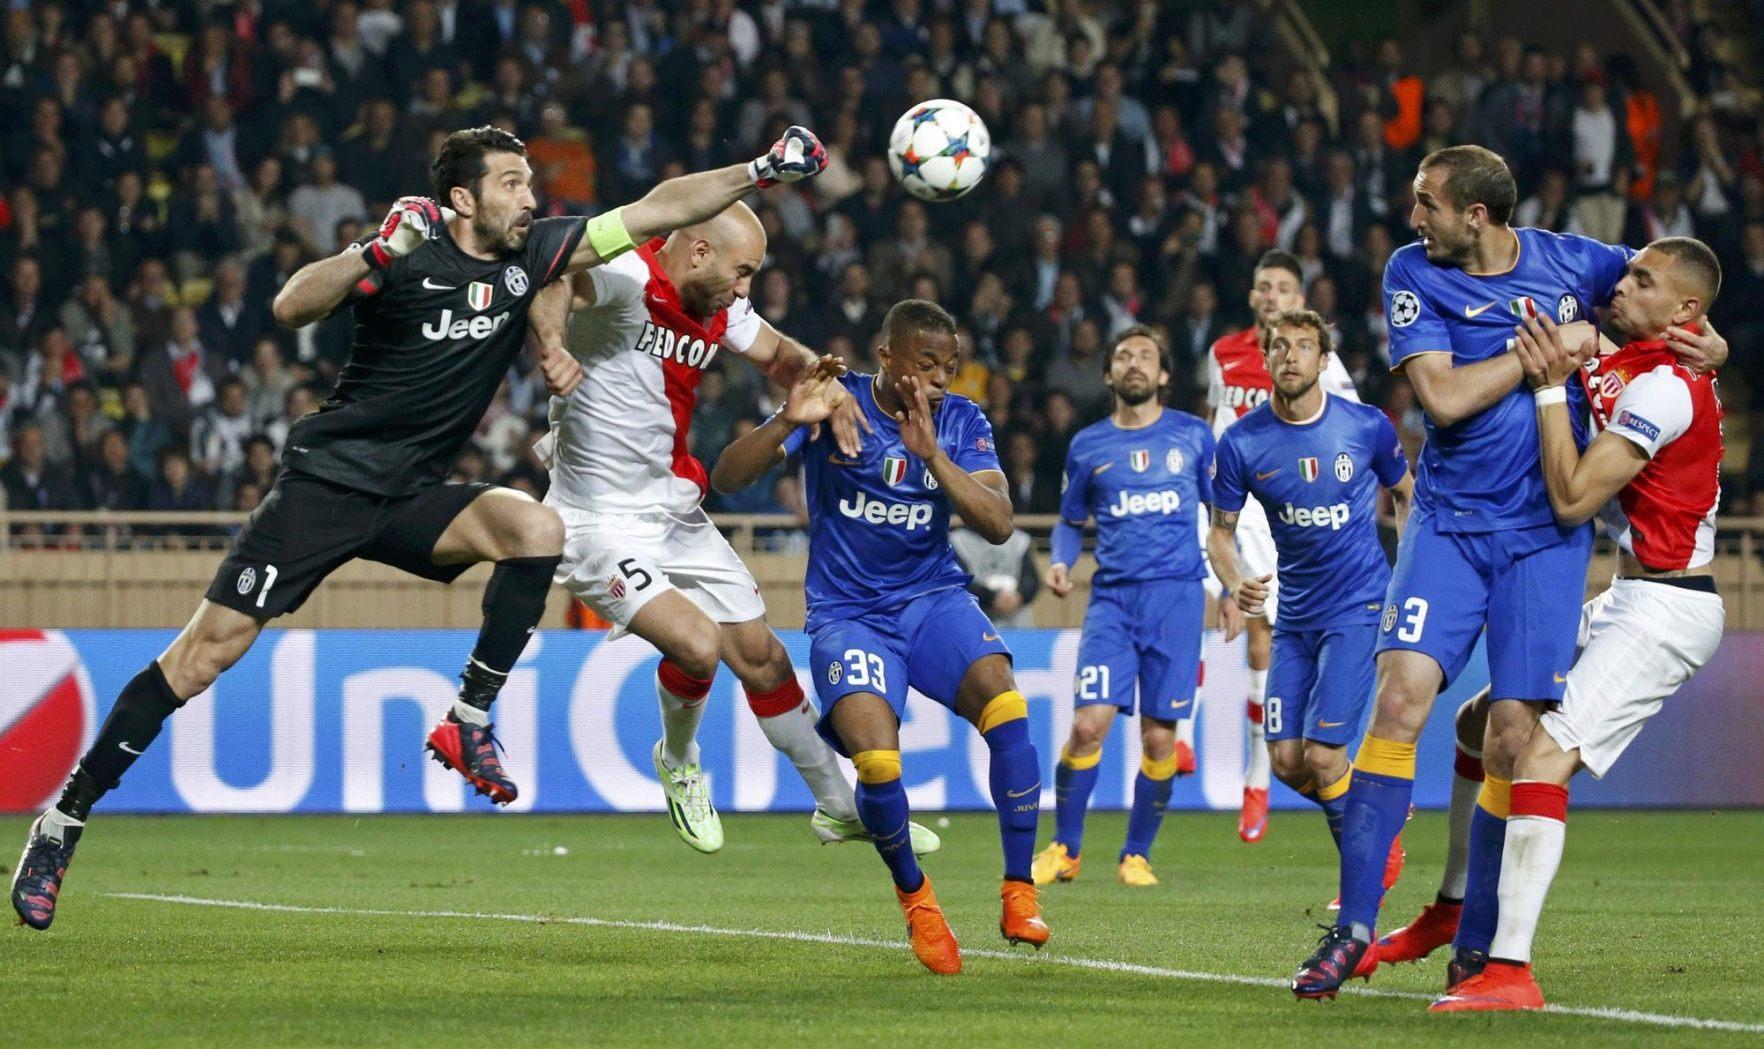 AS Monaco vs Juventus Turyn